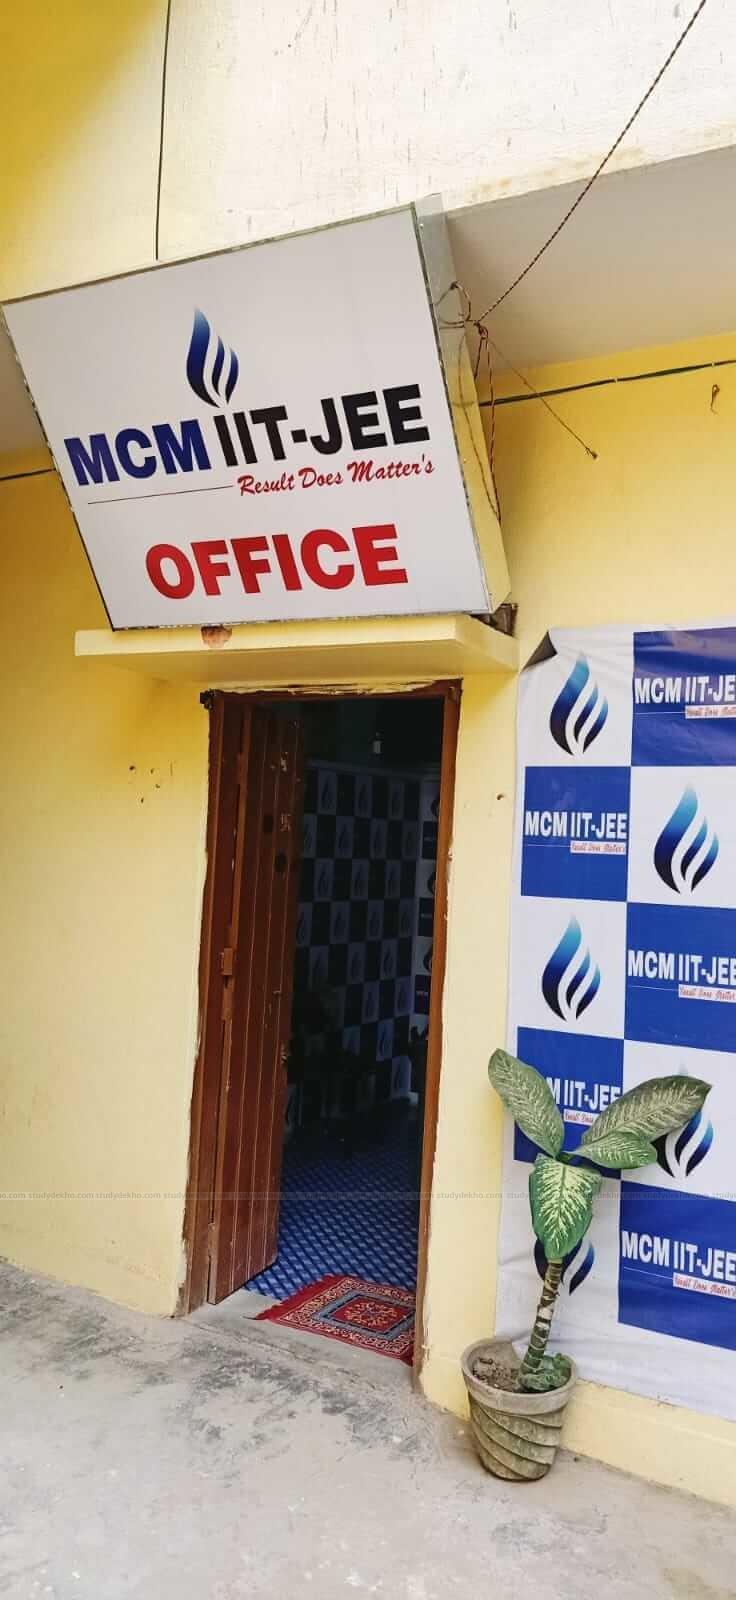 MCM IIT-JEE Gallery